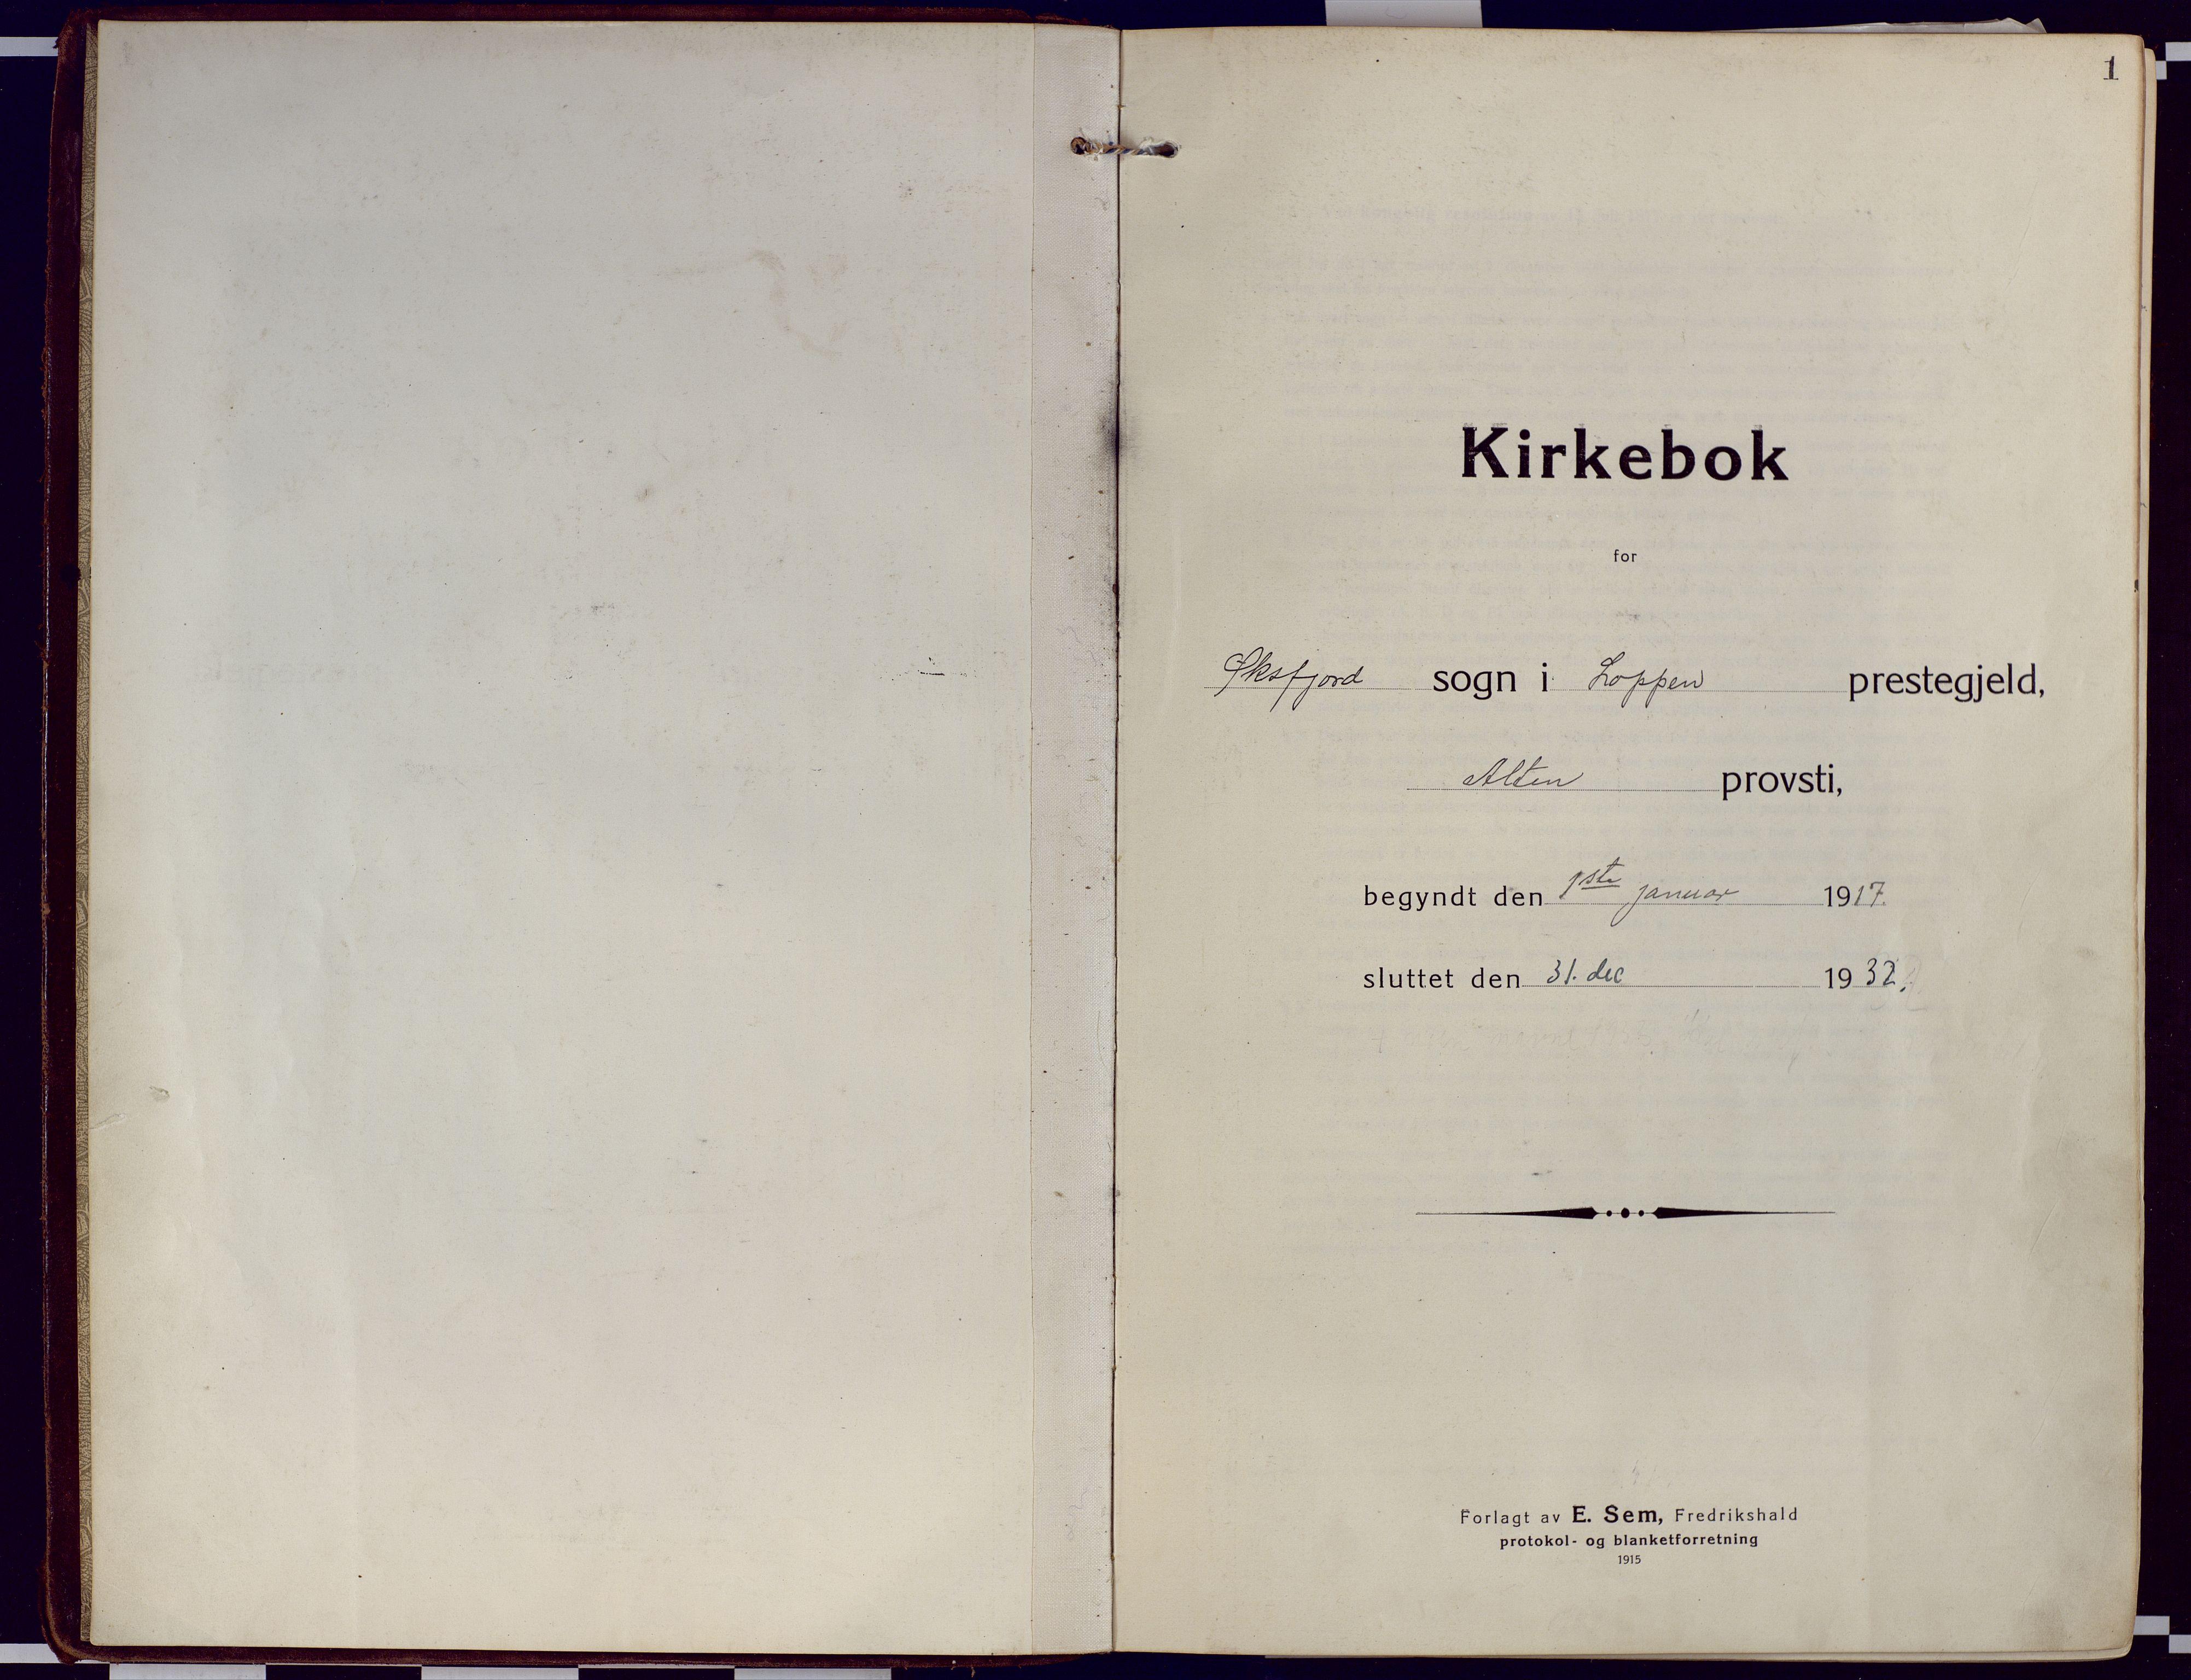 SATØ, Loppa sokneprestkontor, H/Ha/L0012kirke: Ministerialbok nr. 12, 1917-1932, s. 1